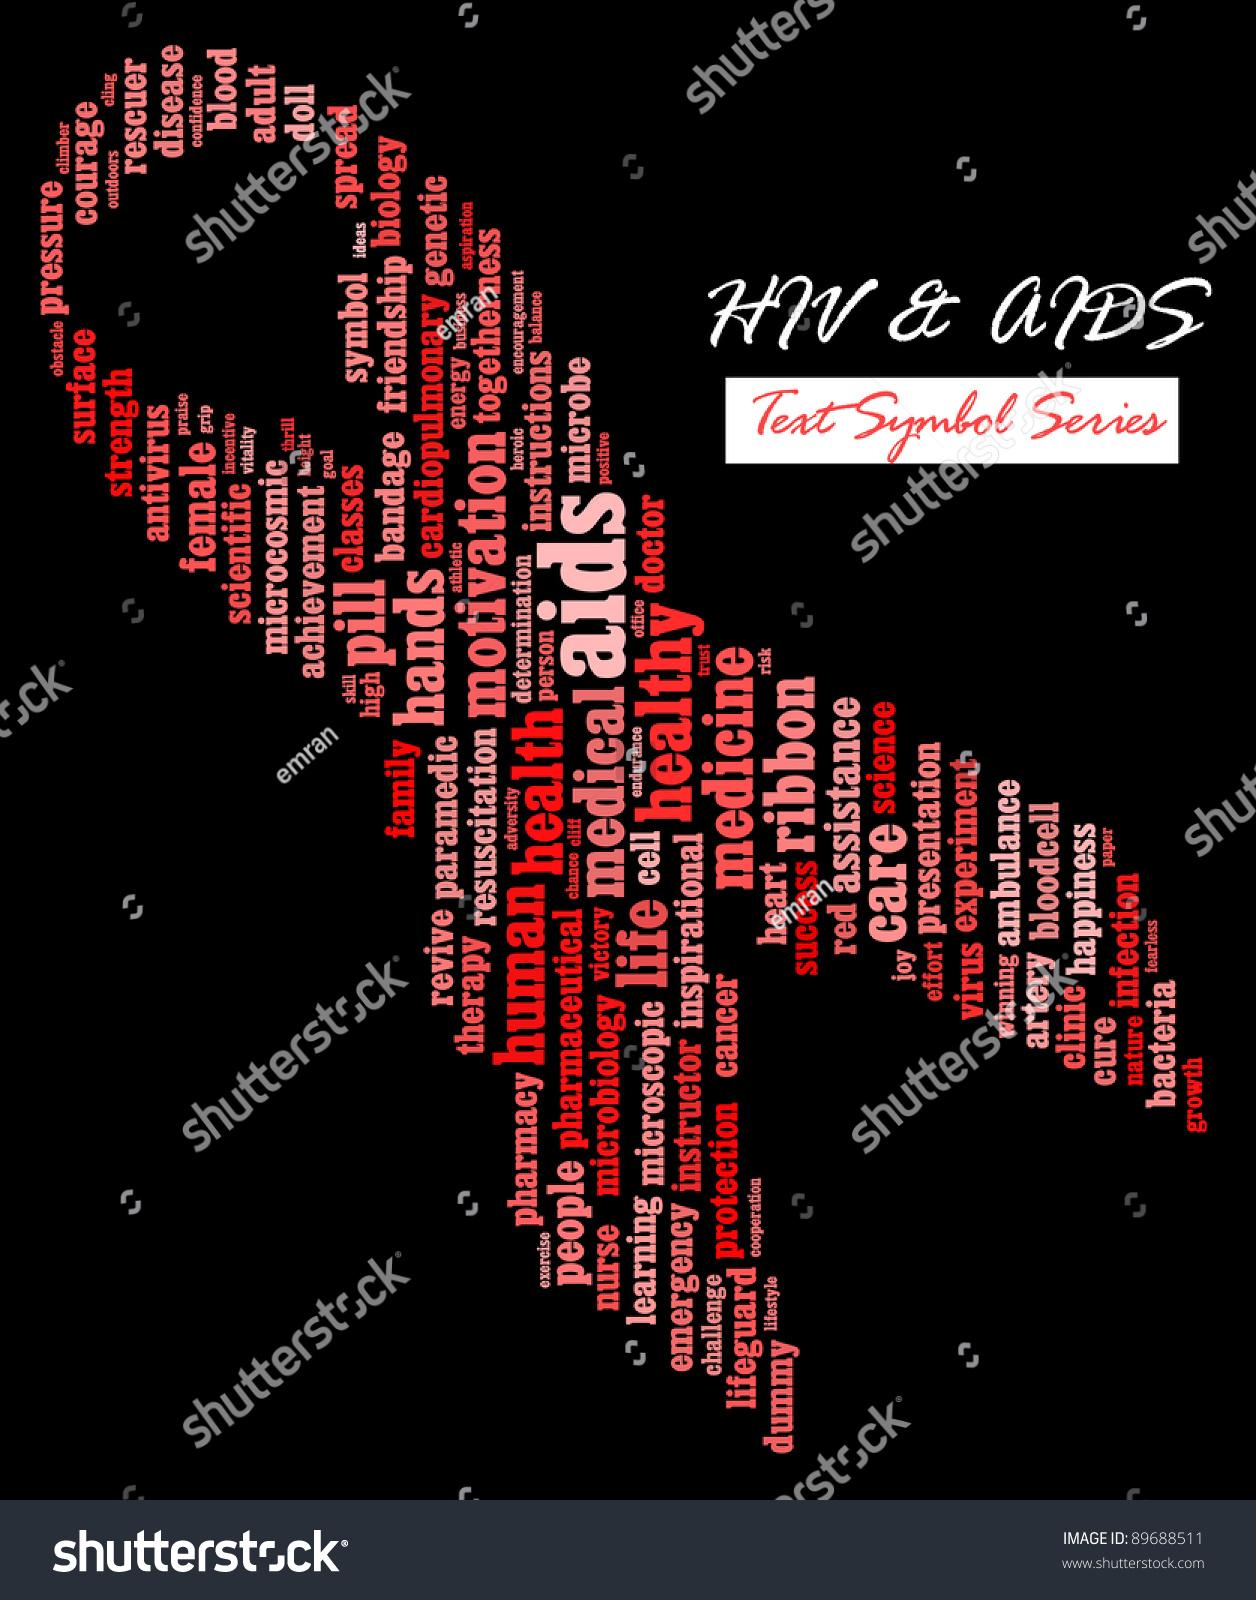 Hivaids awareness campaign infotextcloud wordword collage stock hivaids awareness campaign info textcloud wordword collage composed in biocorpaavc Images